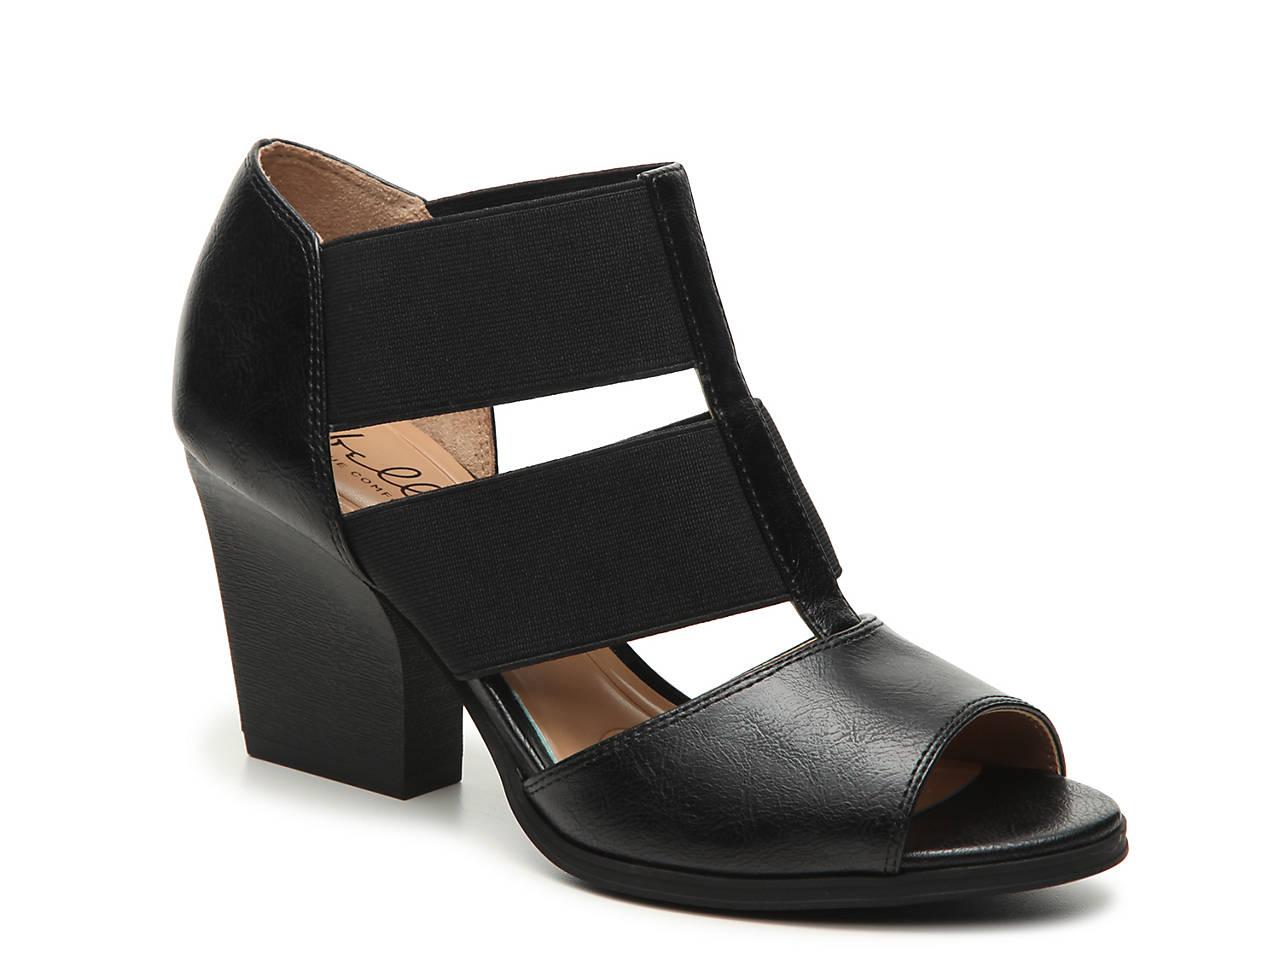 dcd84823a91 Abella Wisteria Sandal Women s Shoes